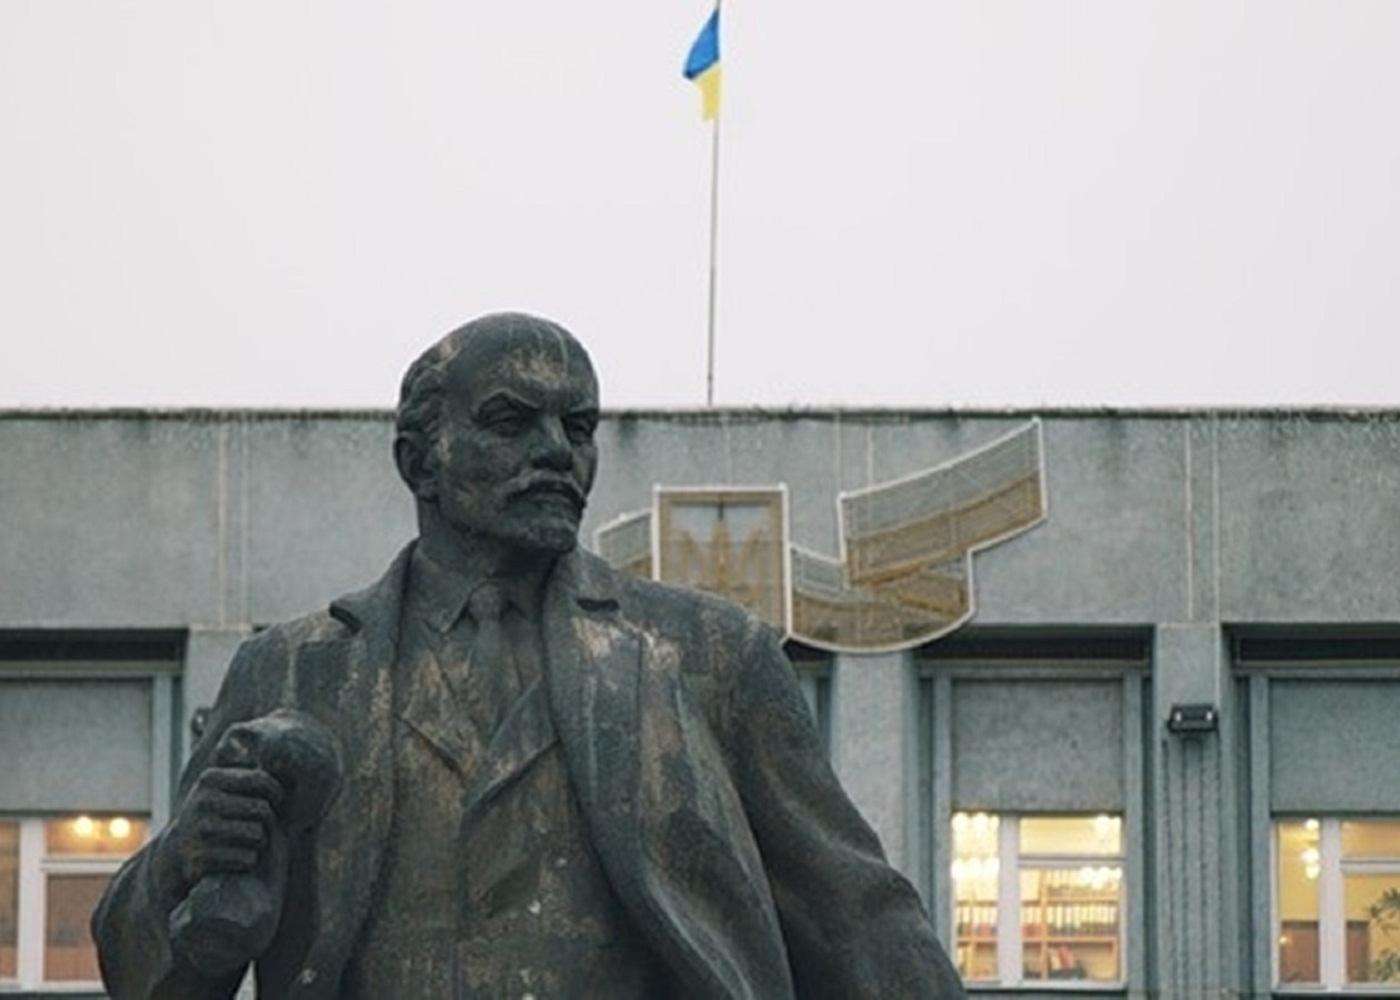 На Полтавщині залишилось близько 30 пам'ятн пам'ятників радянської епохи